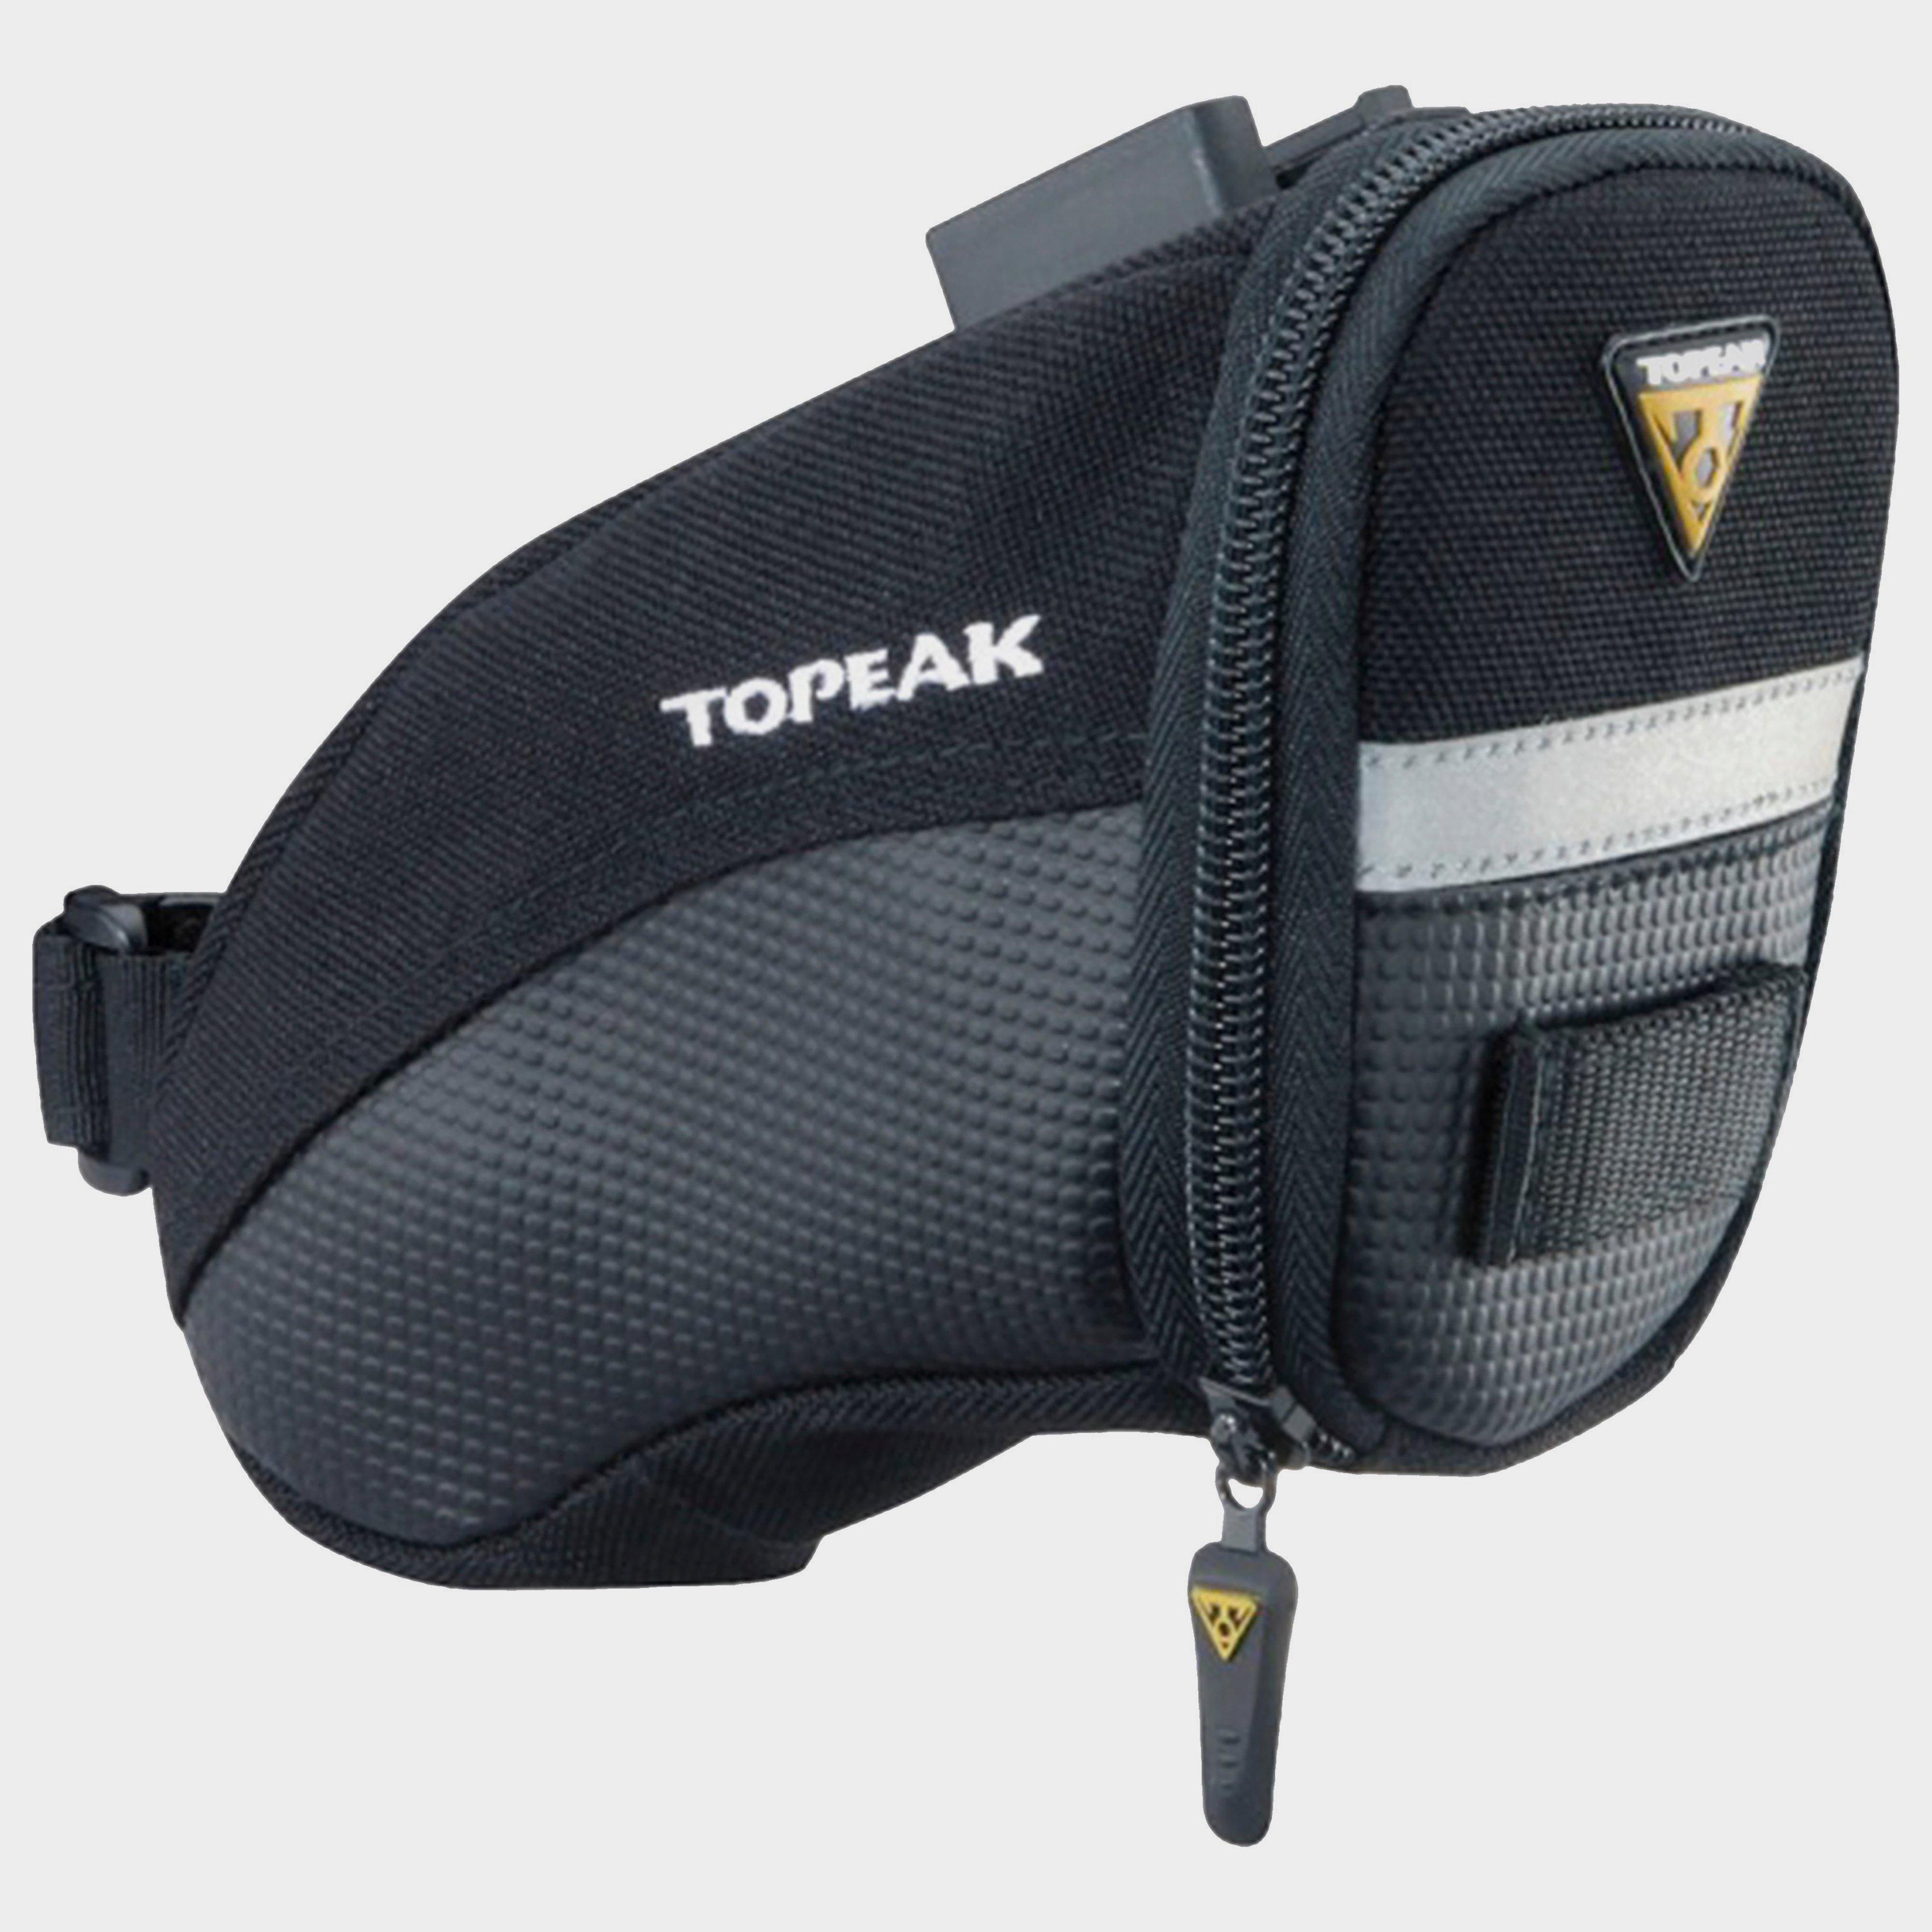 Topeak Aero Wedge Quick Clip Saddle Bag Black